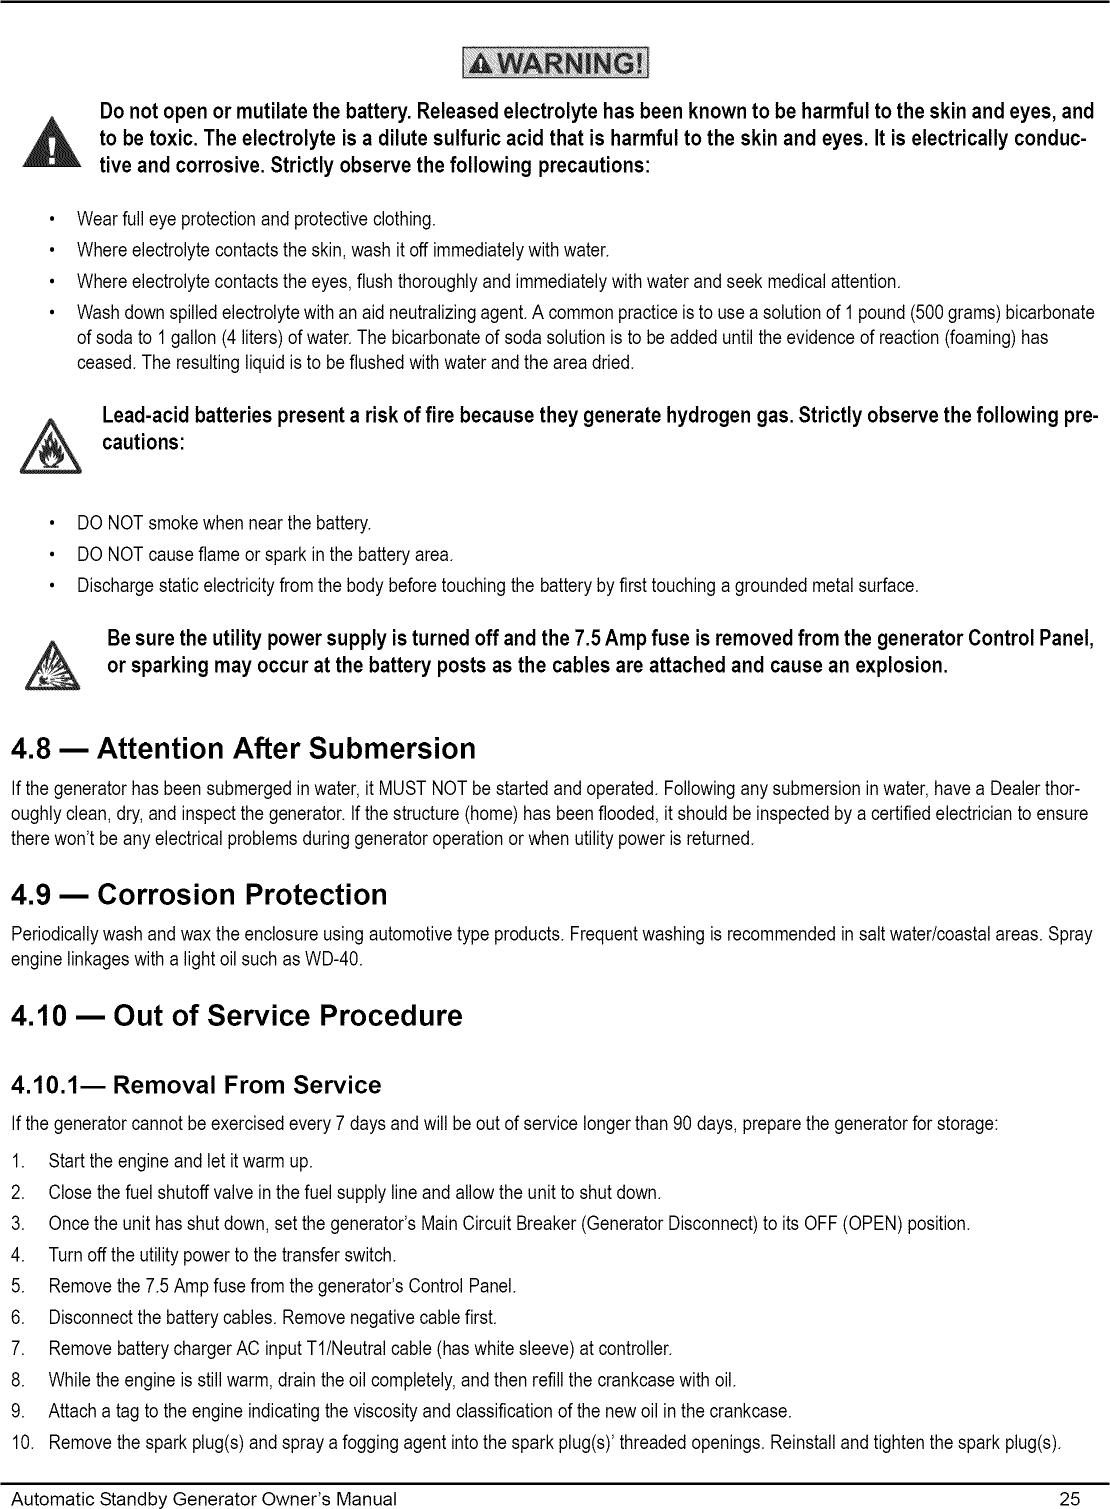 Generac 006237 0 User Manual GENERATOR Manuals And Guides